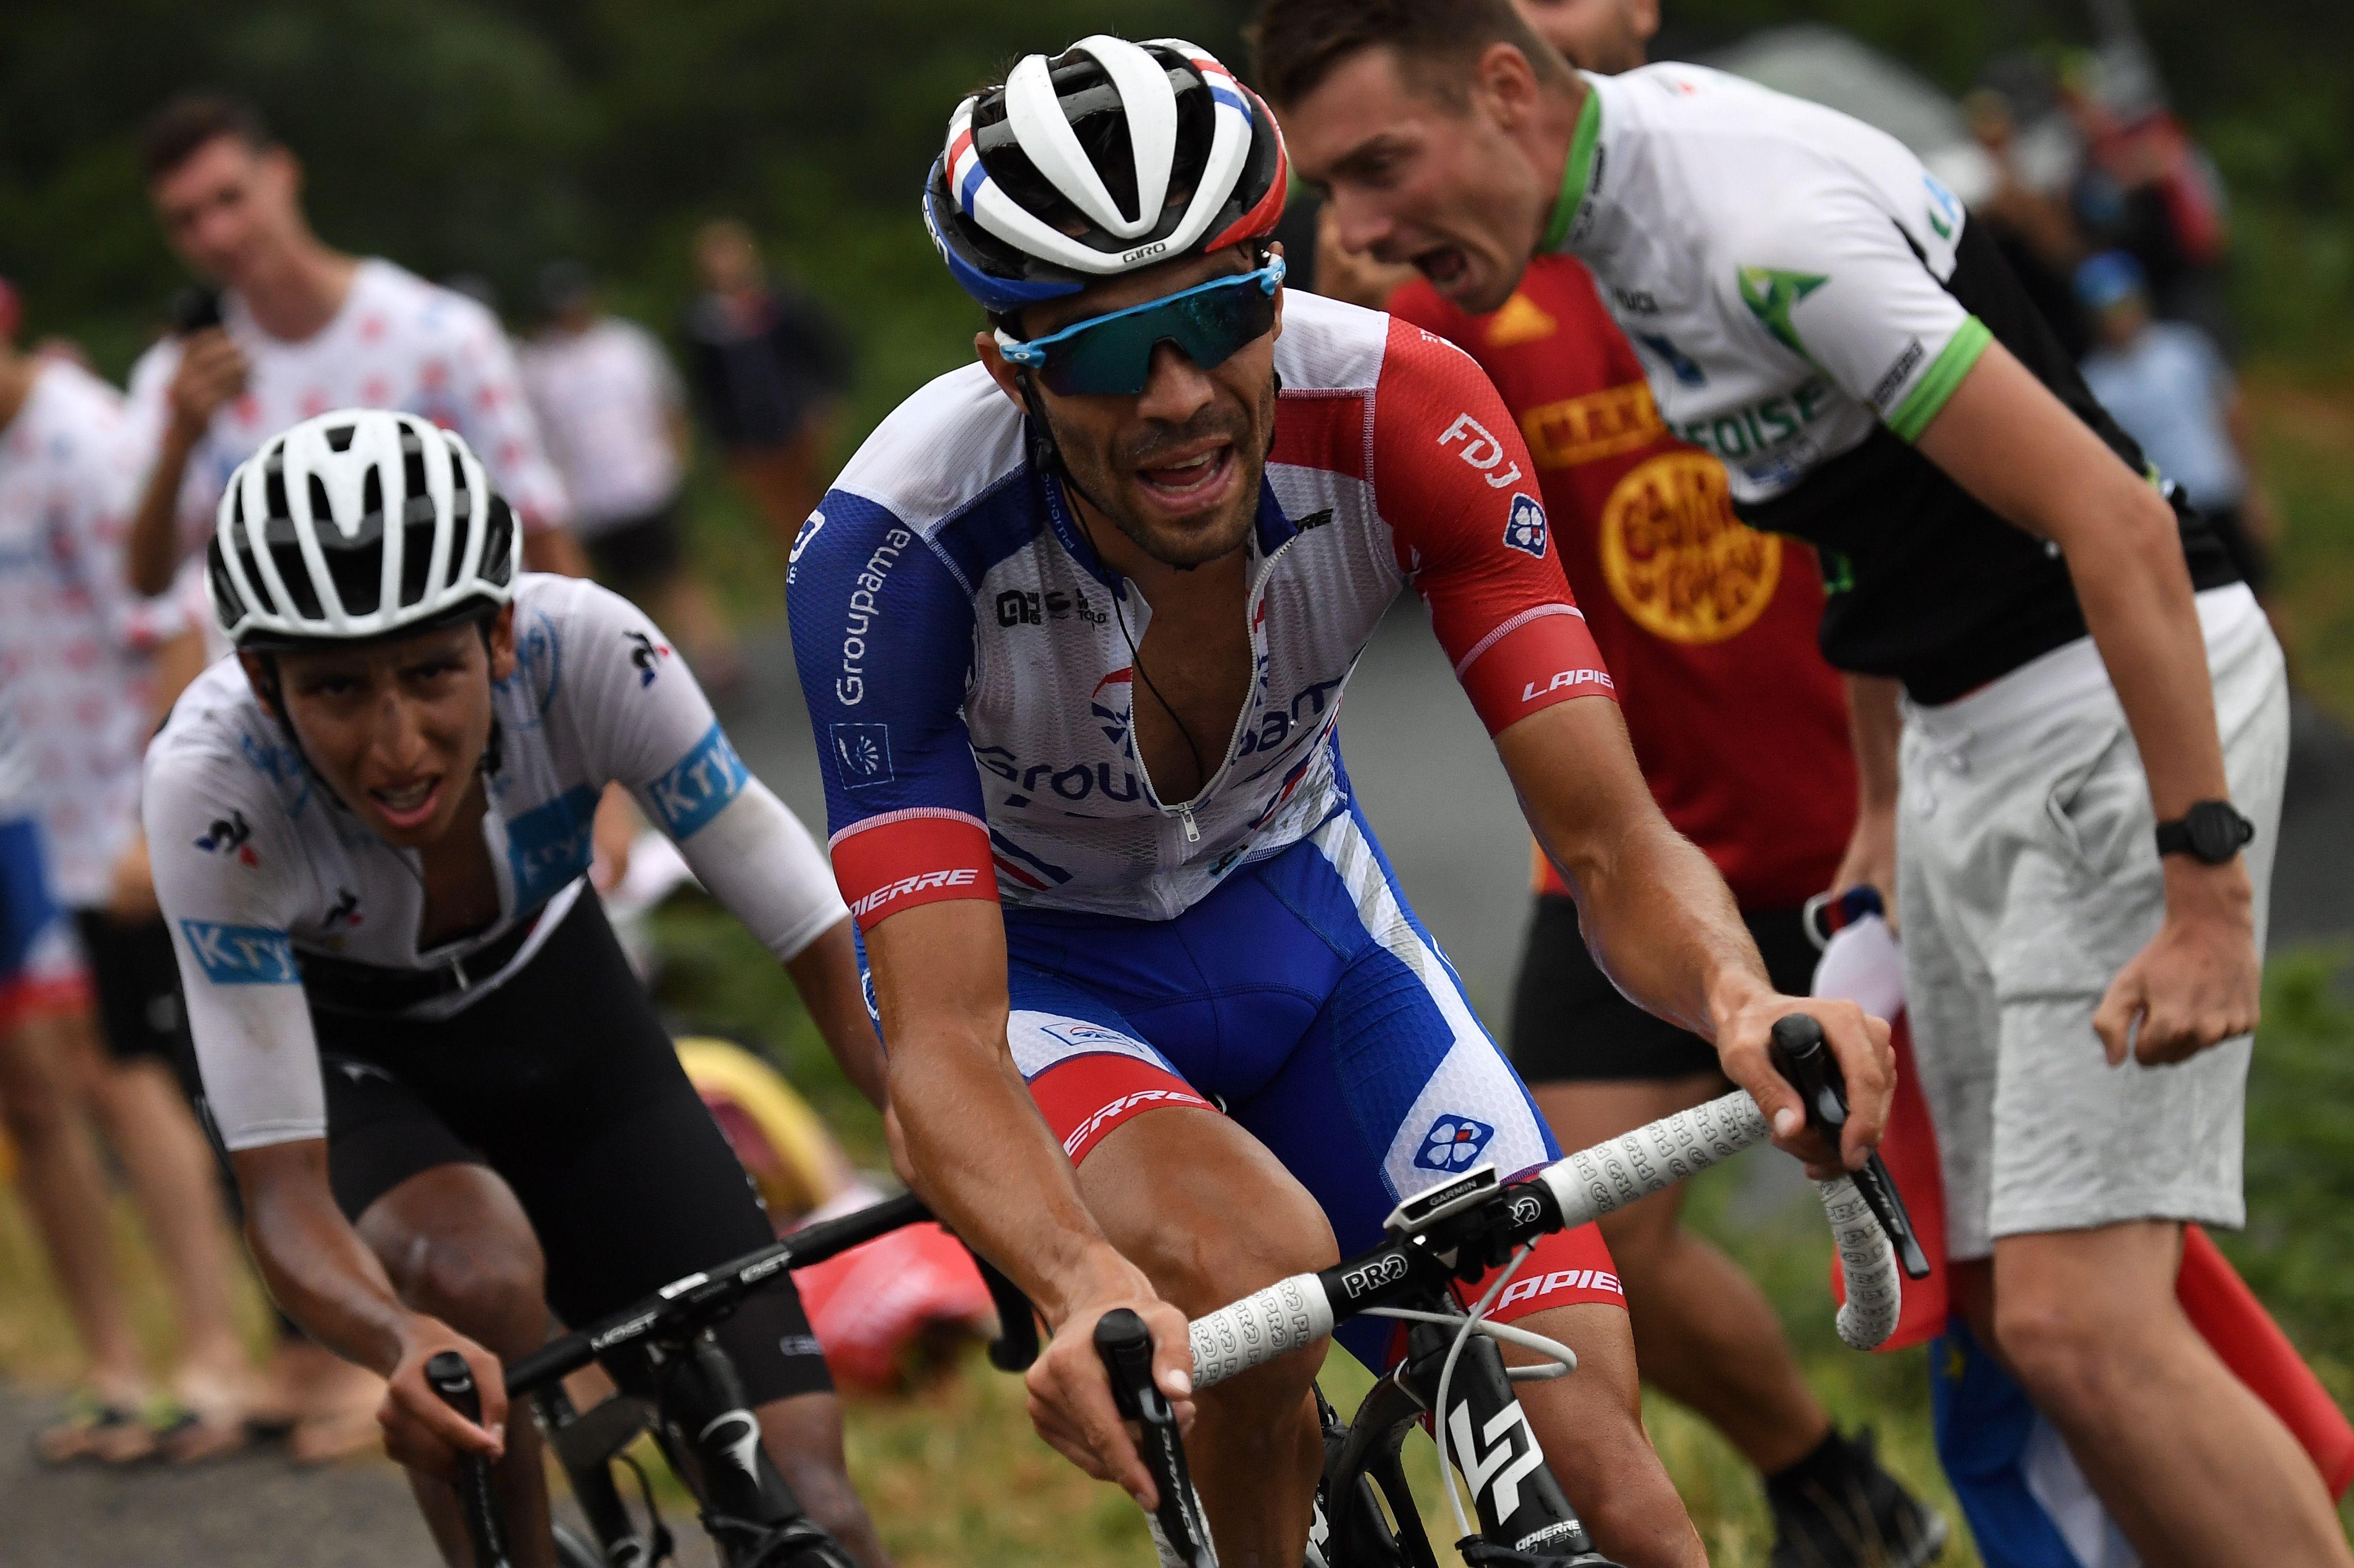 Cyclisme - Tour de France - Pinot, désormais 4e du Tour de France 2019 : «Quand on a la bonne jambe, il faut profiter»